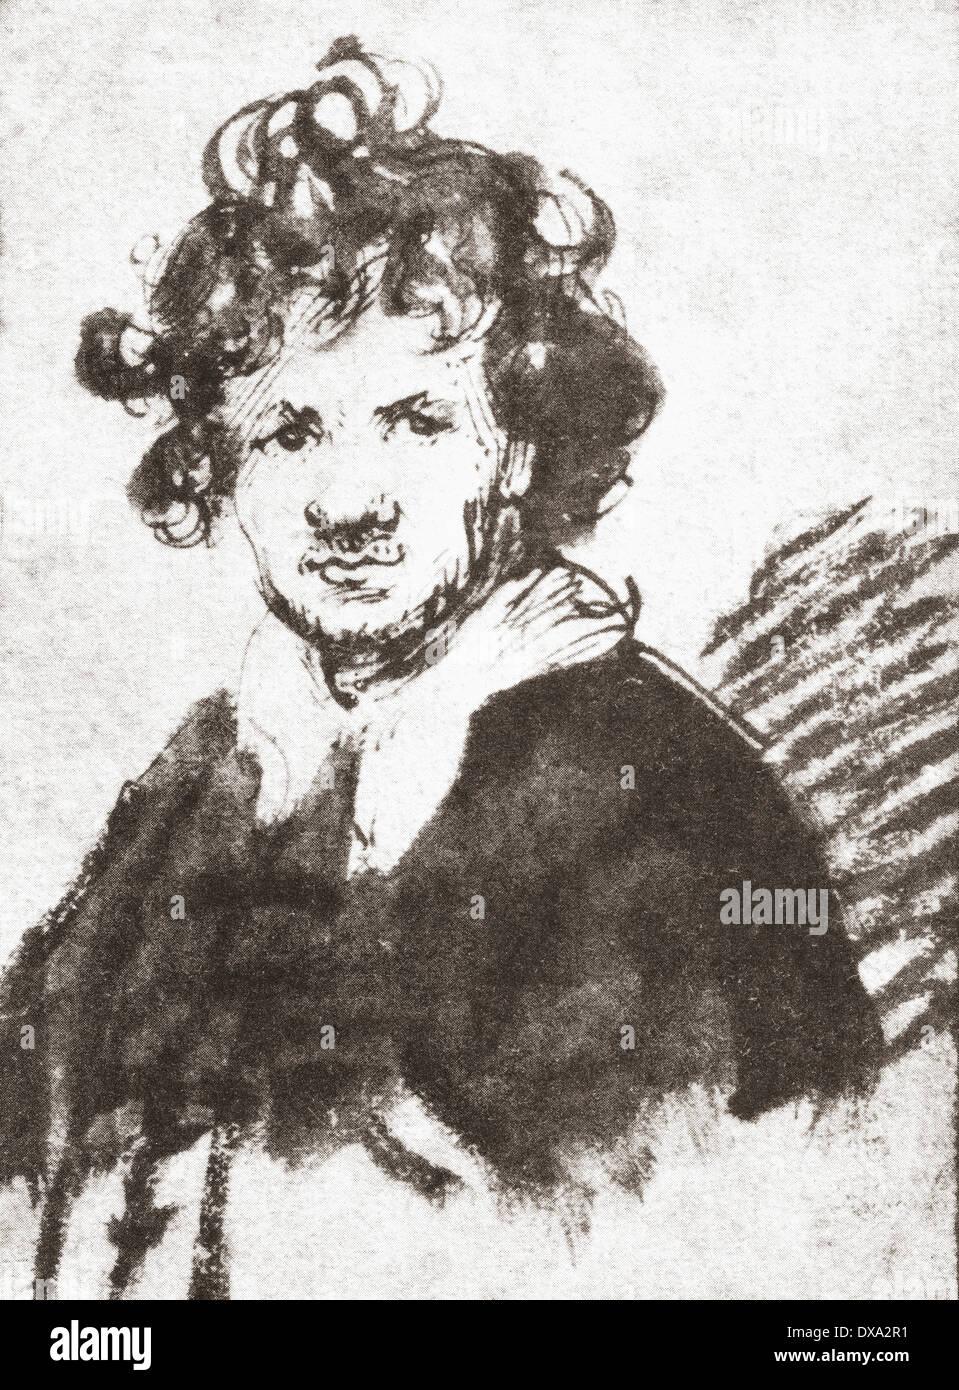 Self portrait of Rembrandt Harmenszoon van Rijn, 1606-1669. Dutch painter and etcher. - Stock Image